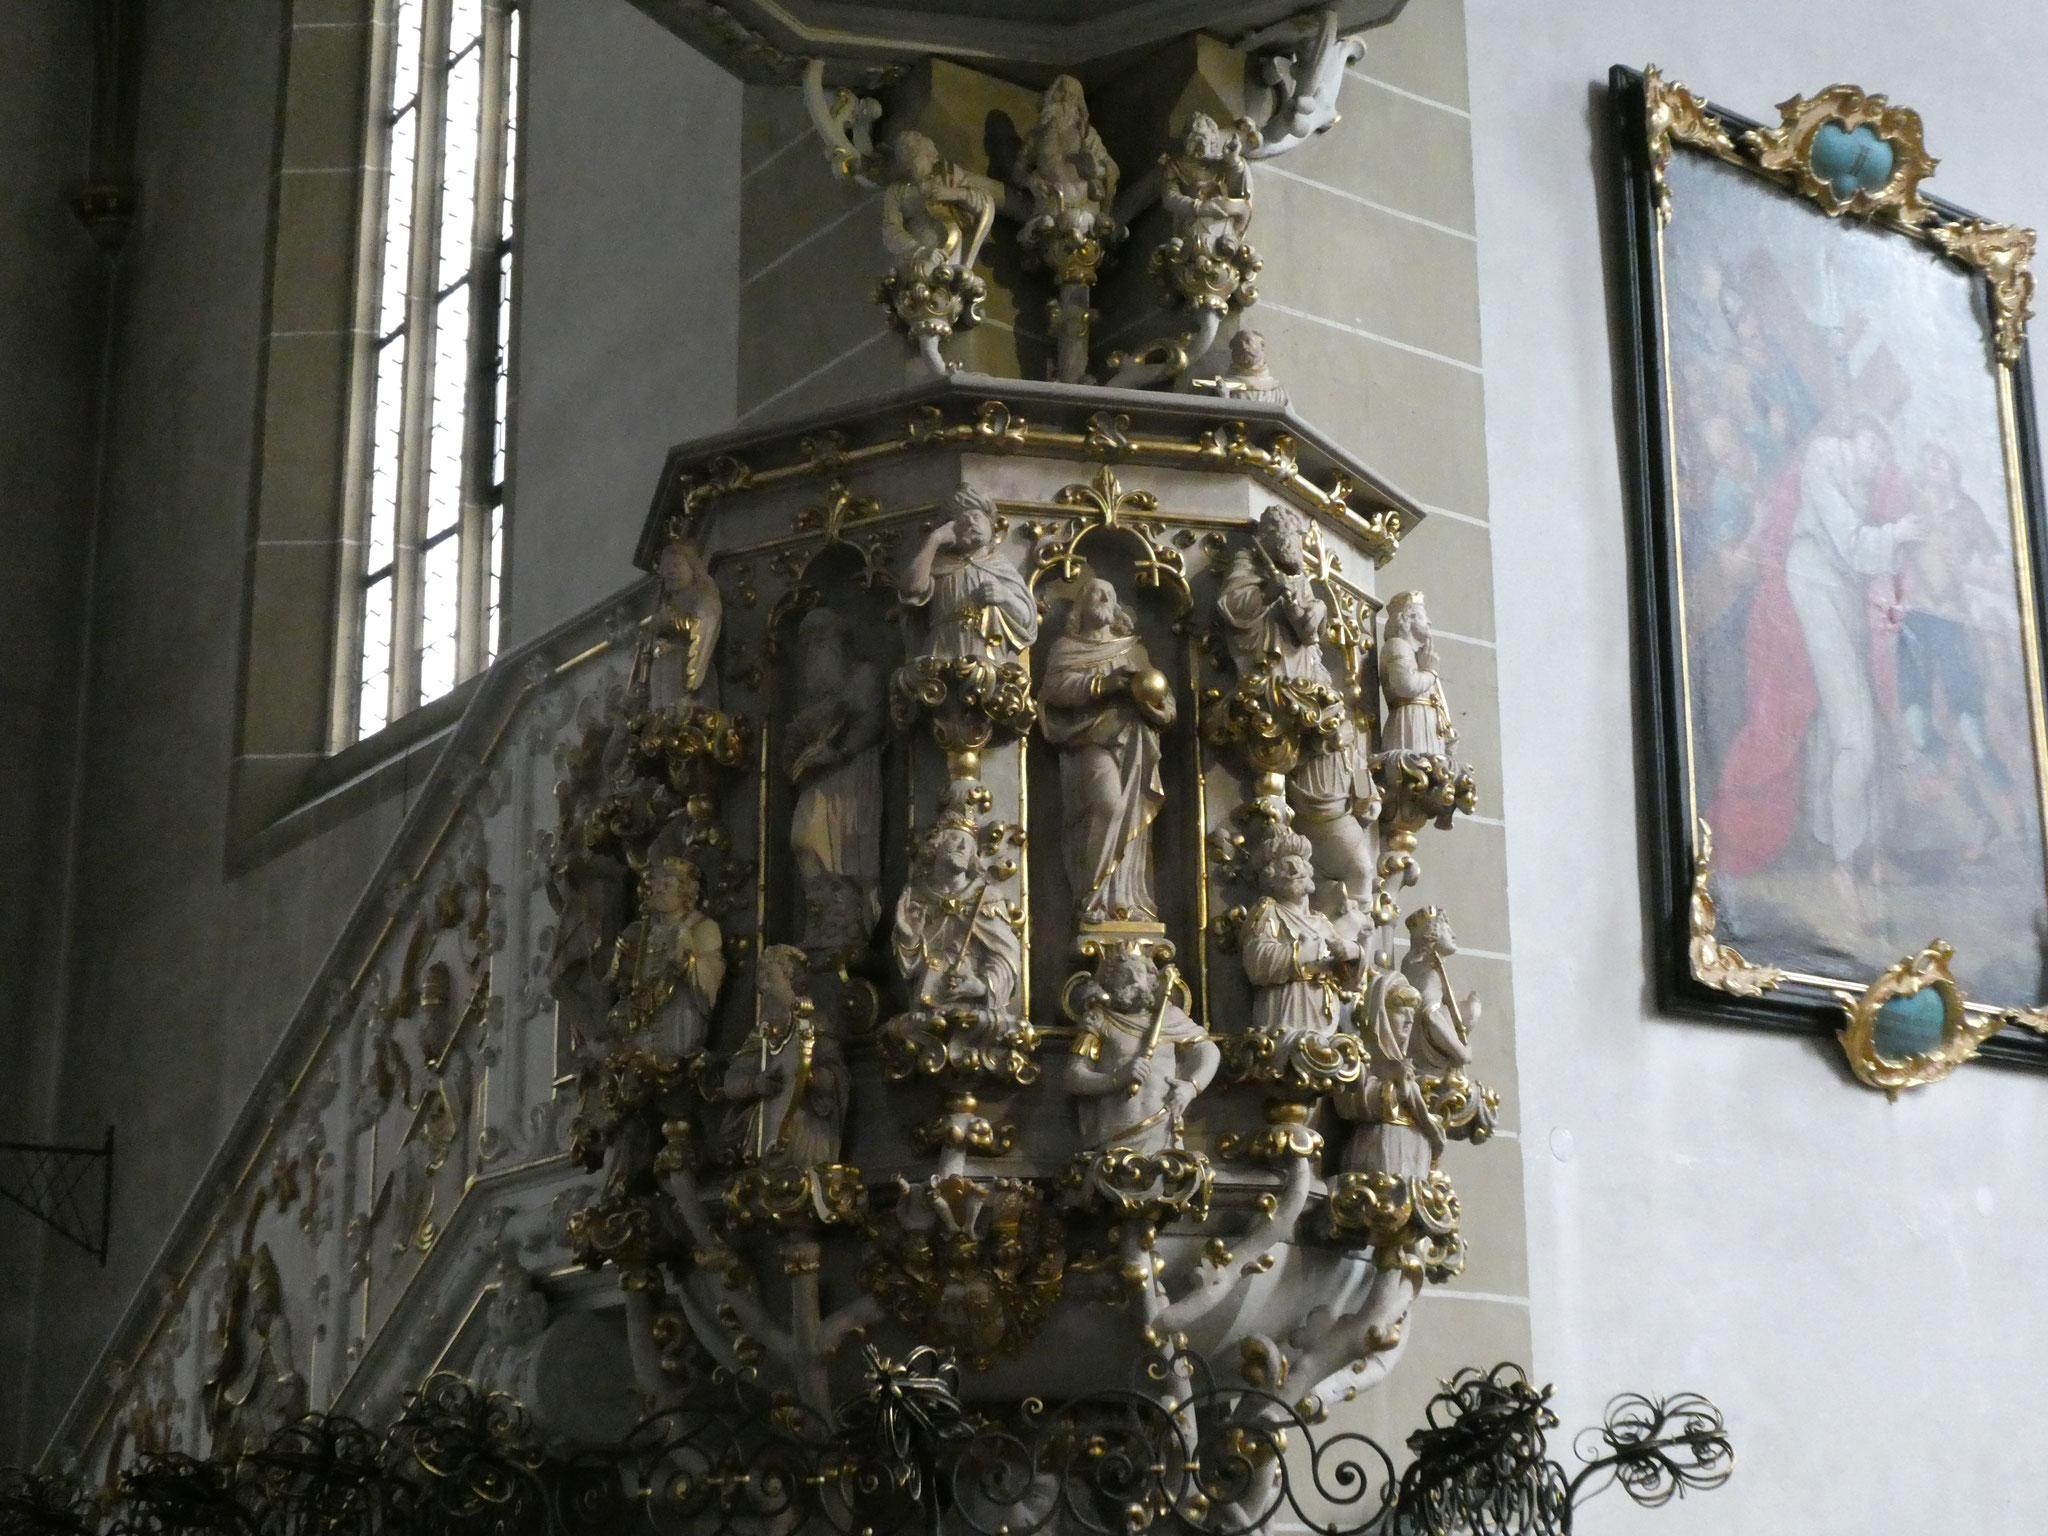 Die Kanzel in der Wallfahrtskirche ist ein wundervolles Kunstwerk